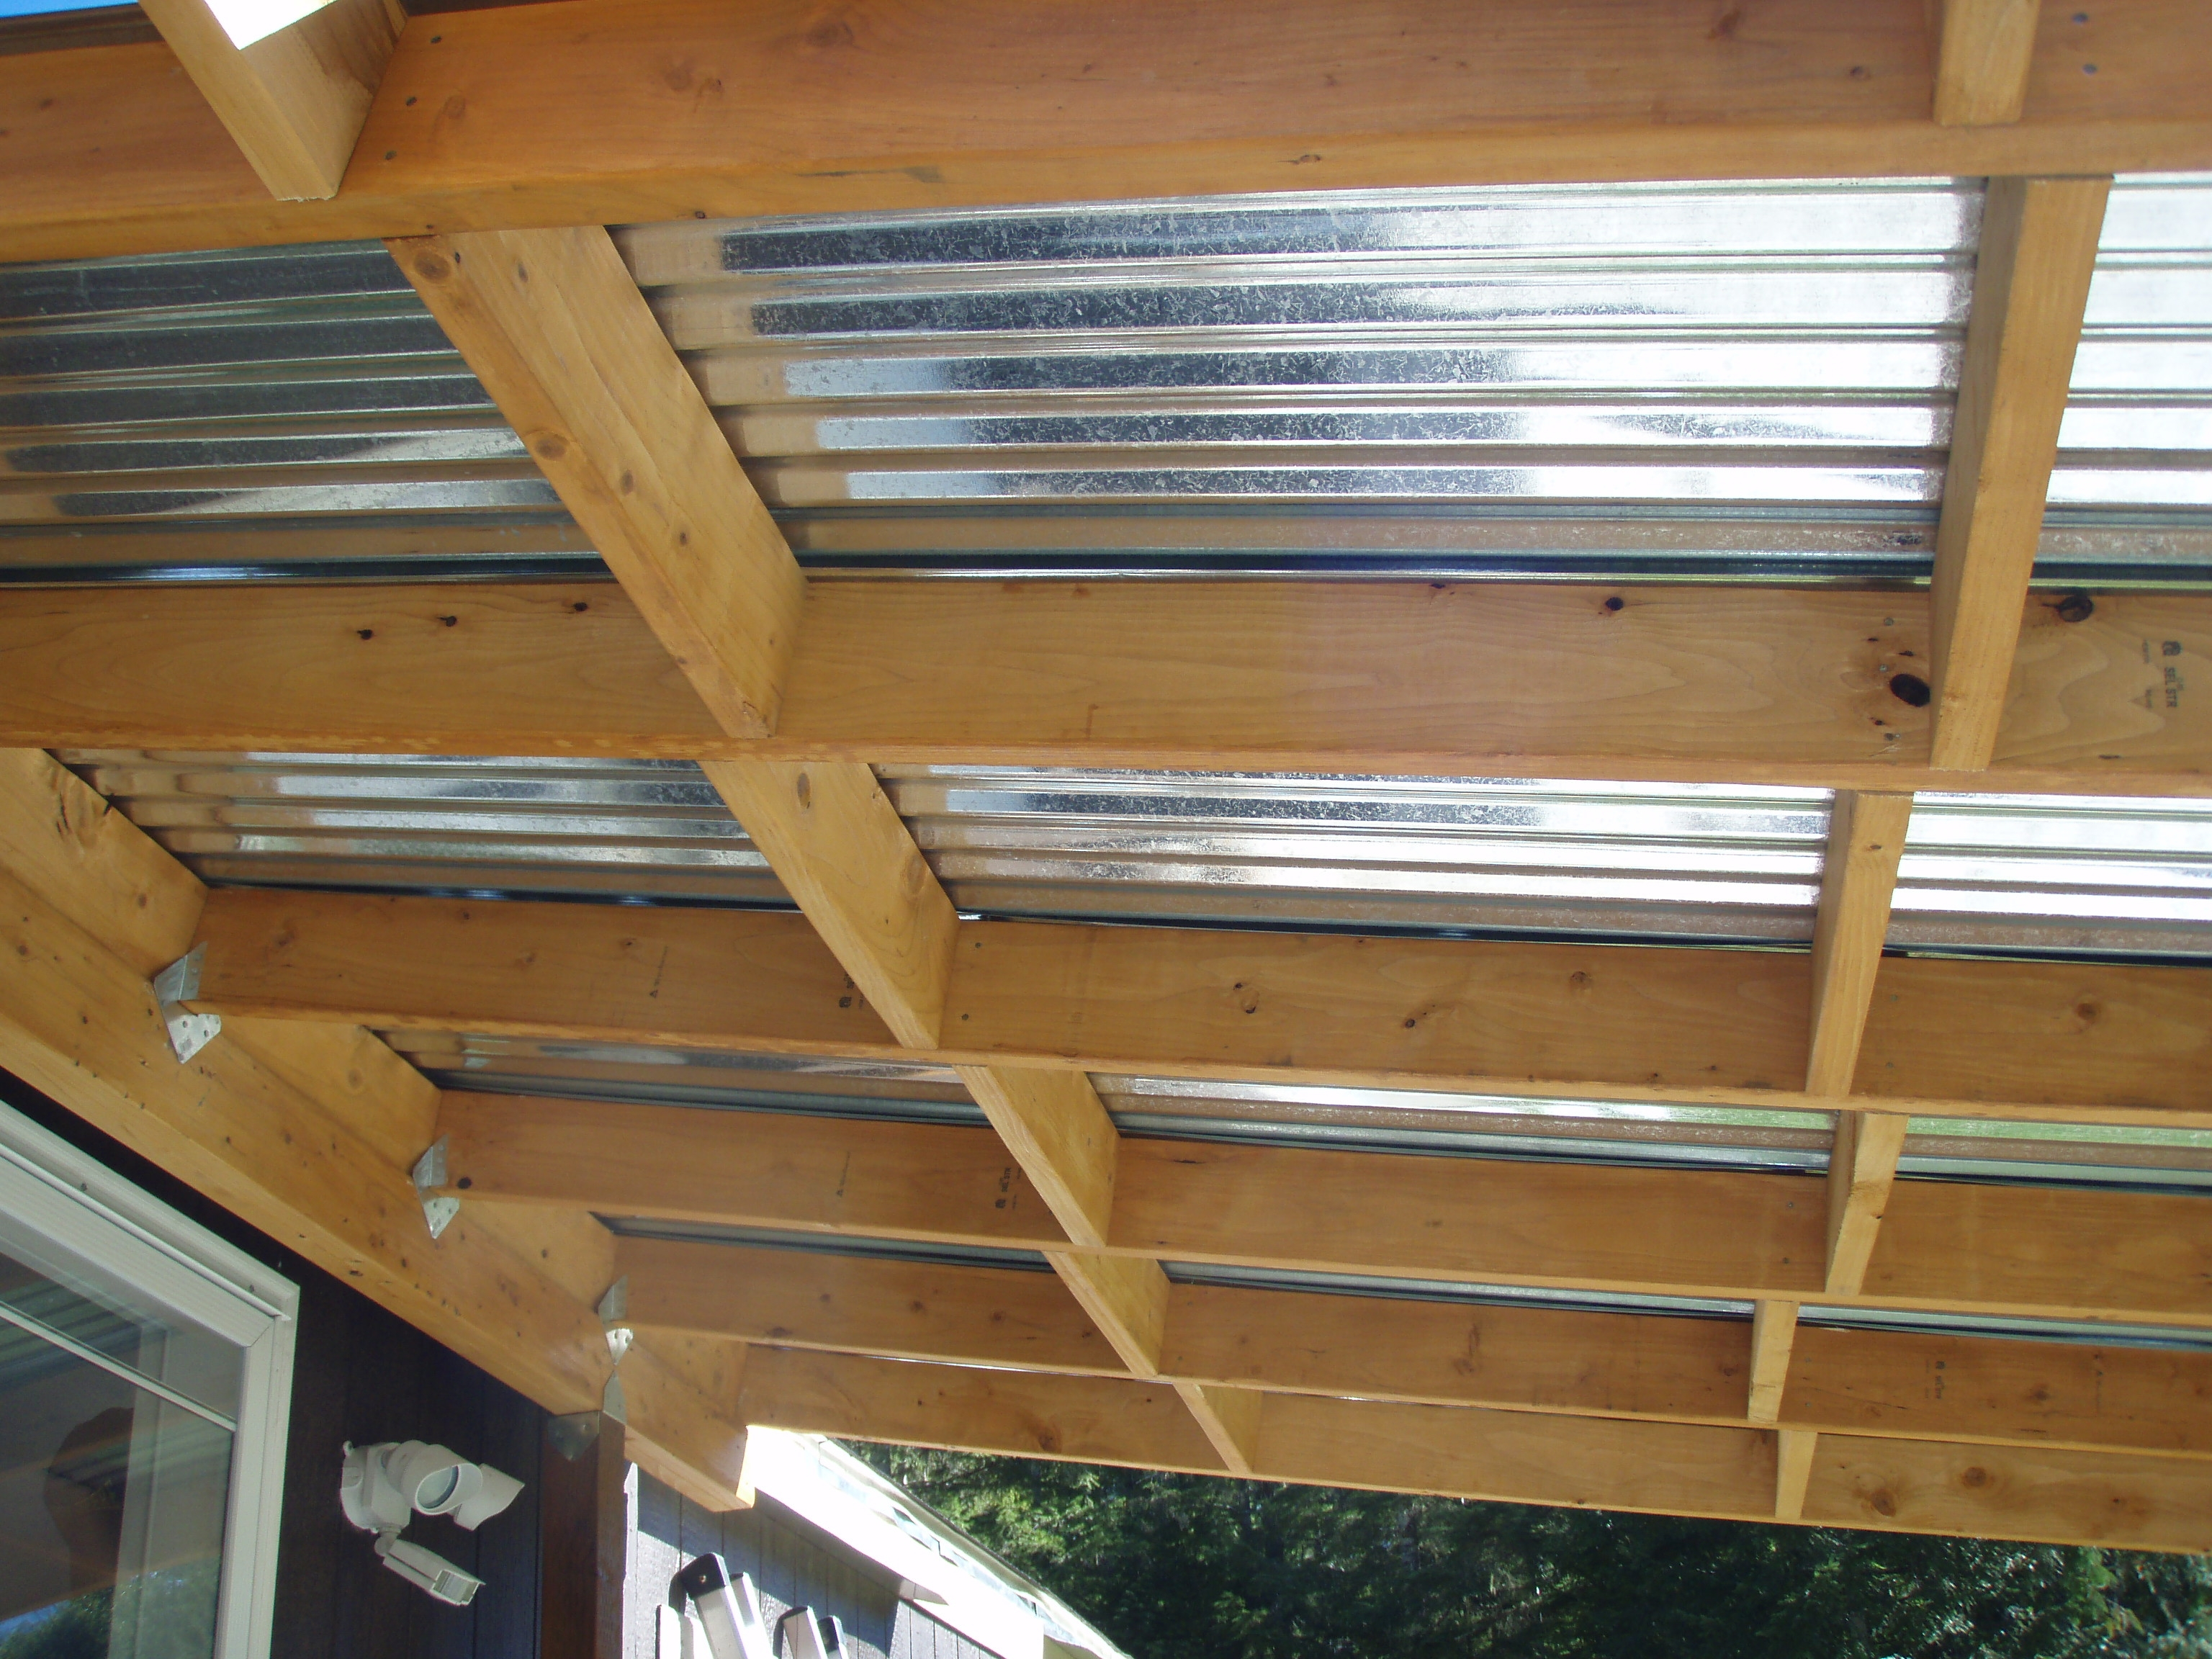 Metal Roofing Under Deck Decks Ideas